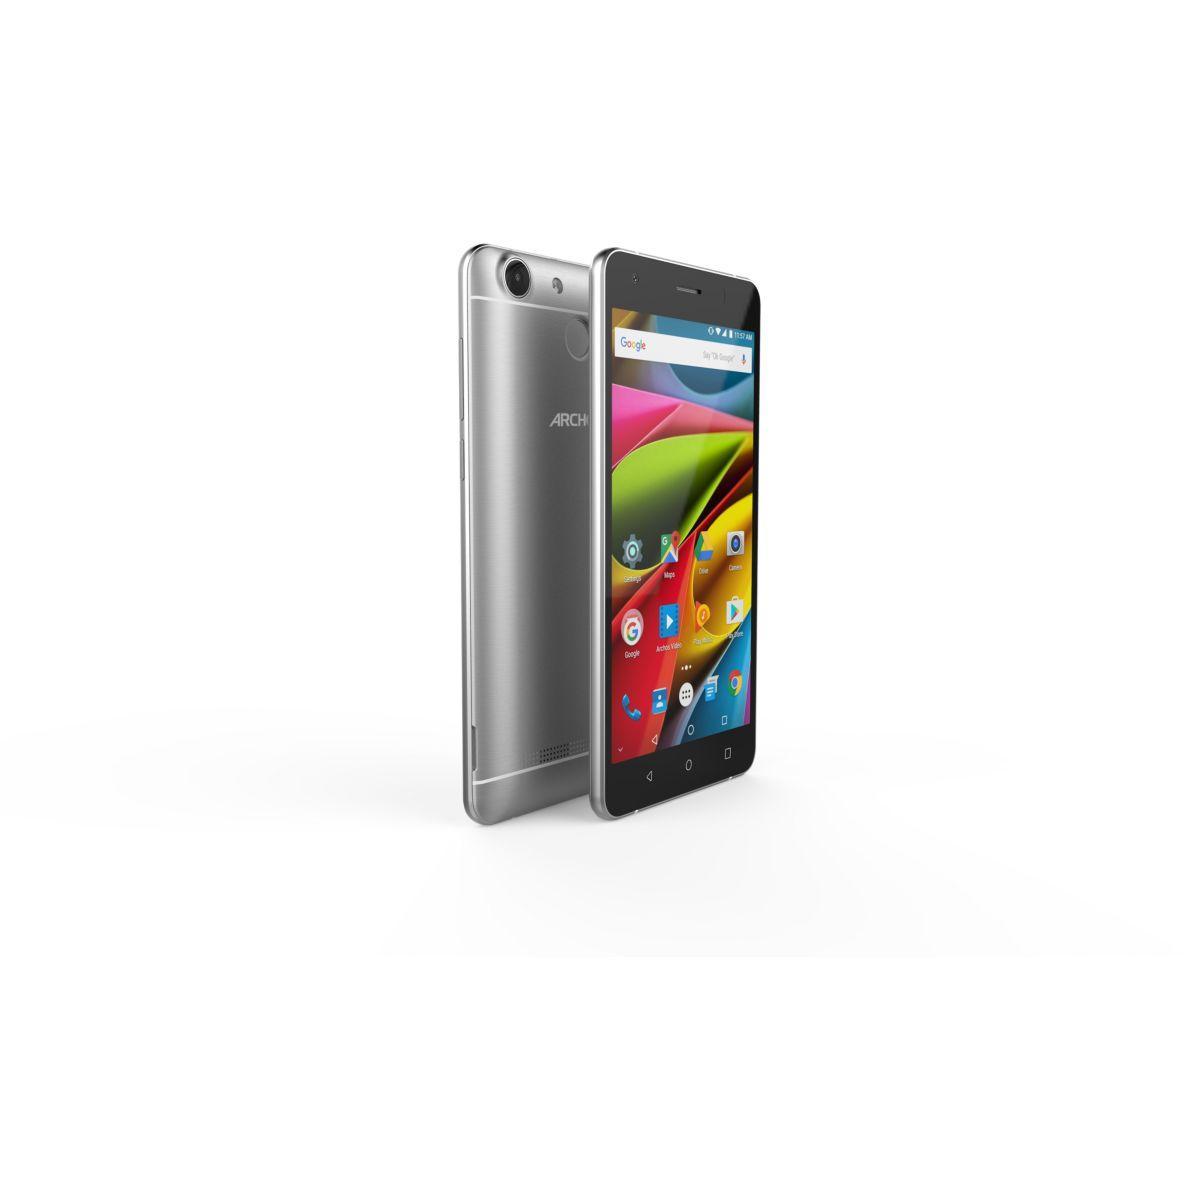 Smartphone archos 55b cobalt 16gb gris - 3% de remise immédiate avec le code : multi3